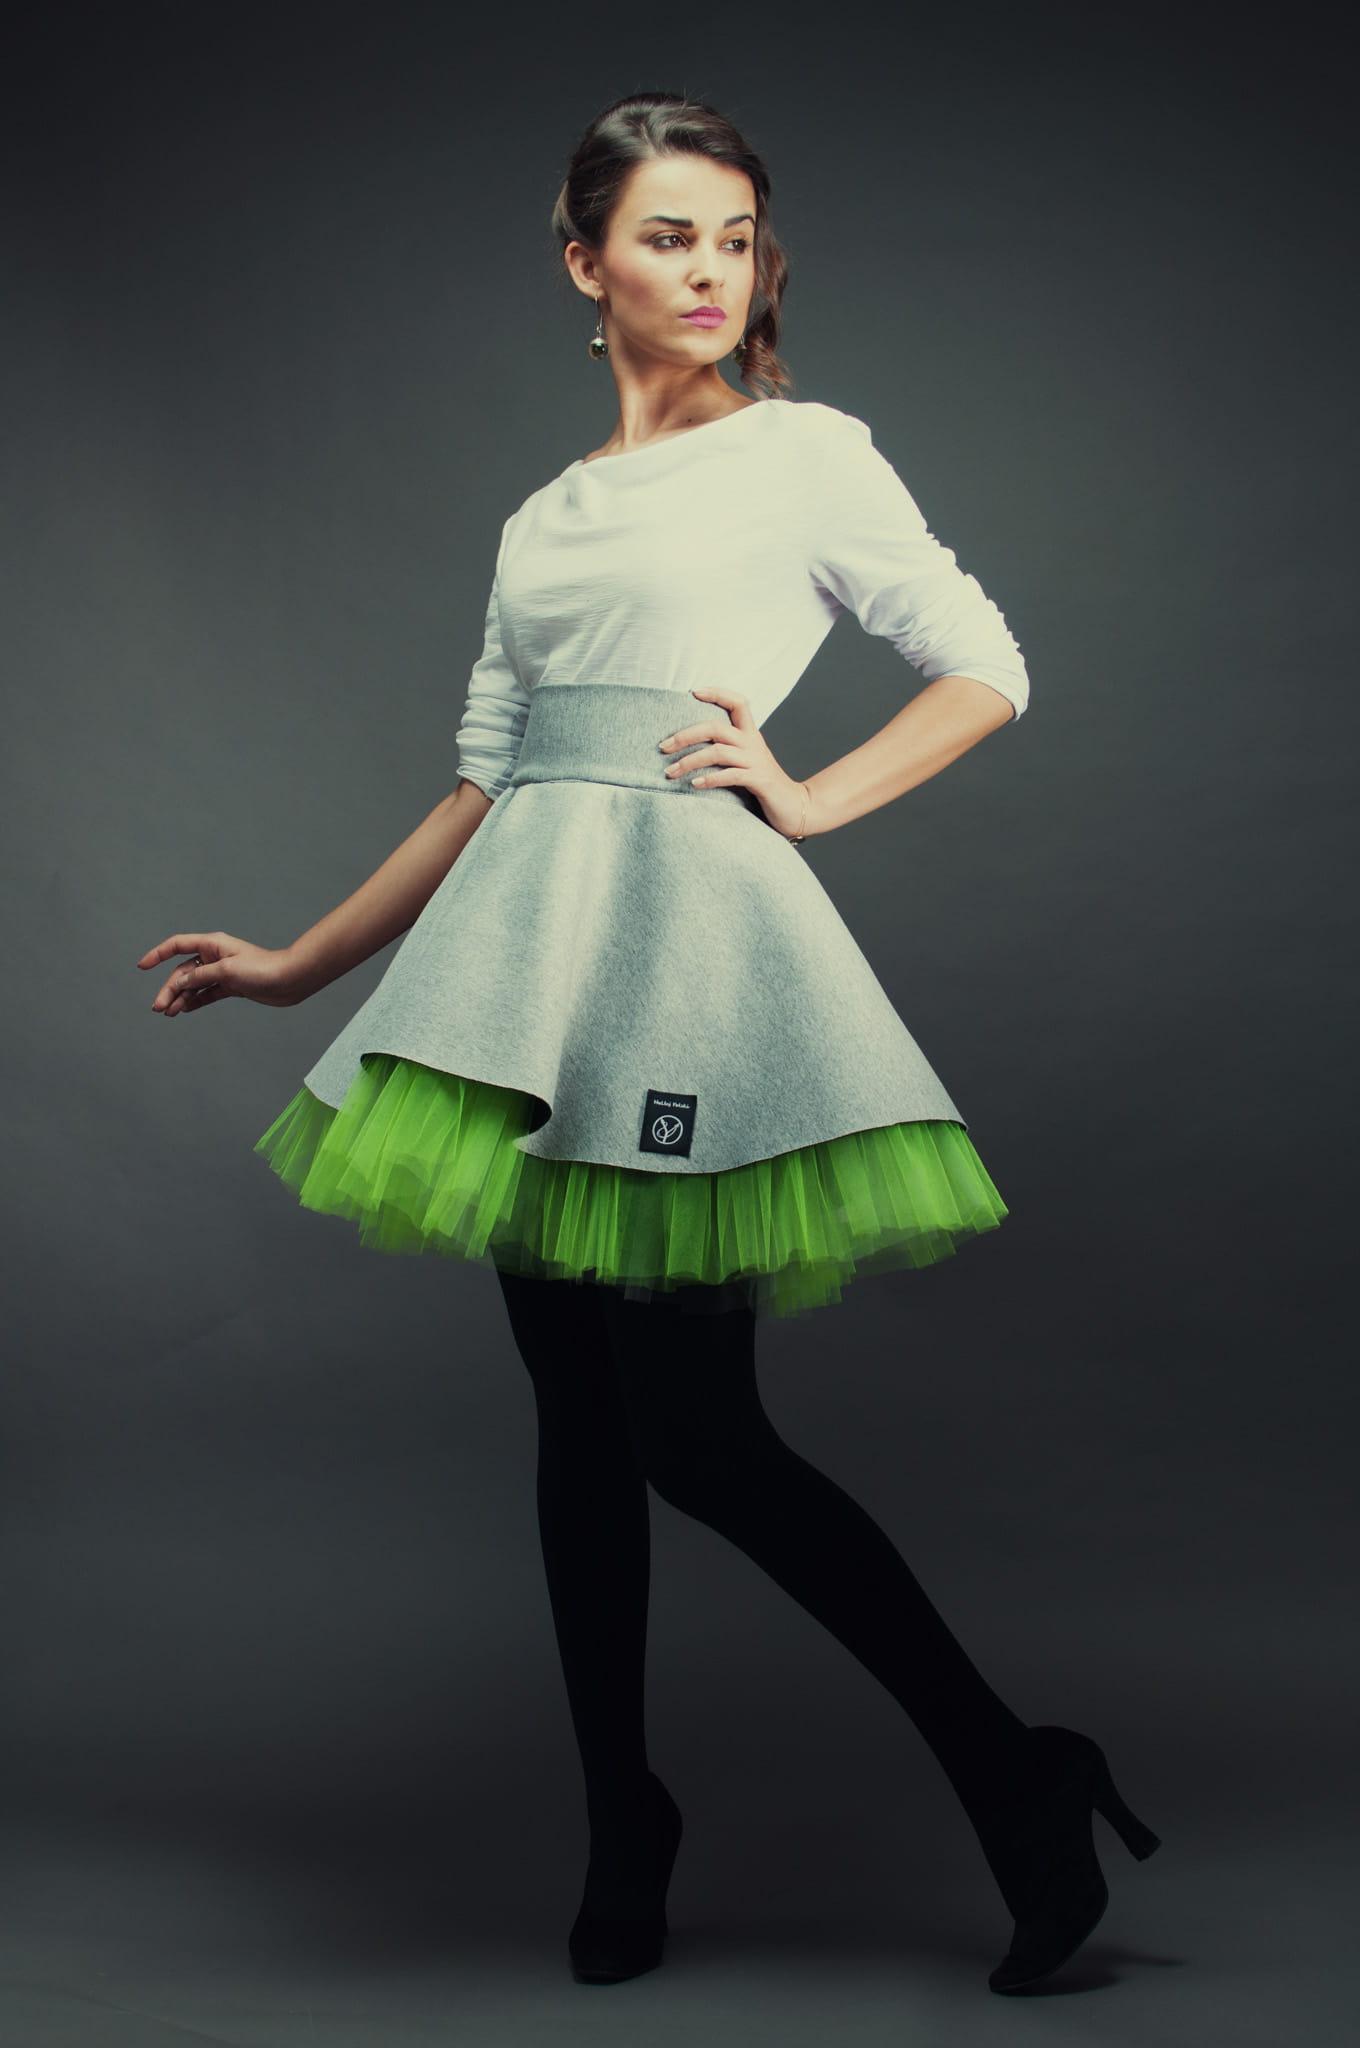 05740546 Modne kolekcje odzieży - Sklep internetowy projektanta marki